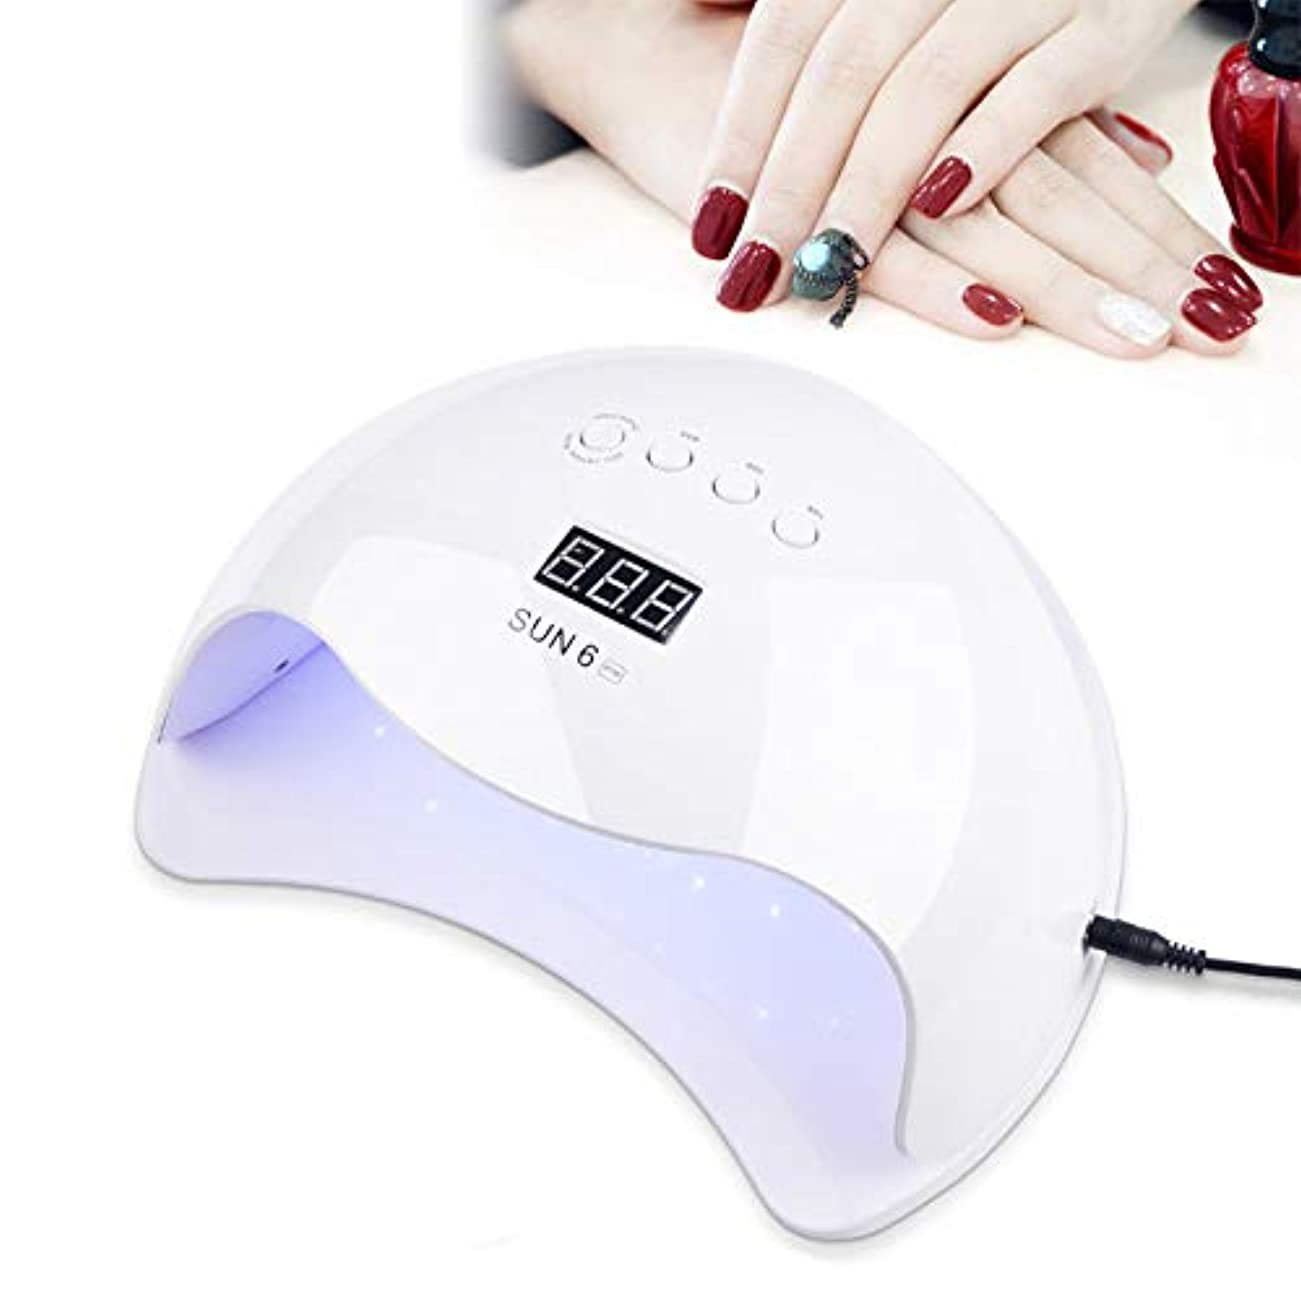 組み合わせる苦しめるポール90W UV LEDネイルライター、ネイルドライヤー速乾性LED UVネイルドライヤー、36個のデュアルソースLED、4つのタイマー設定、爪と足の爪のインテリジェント